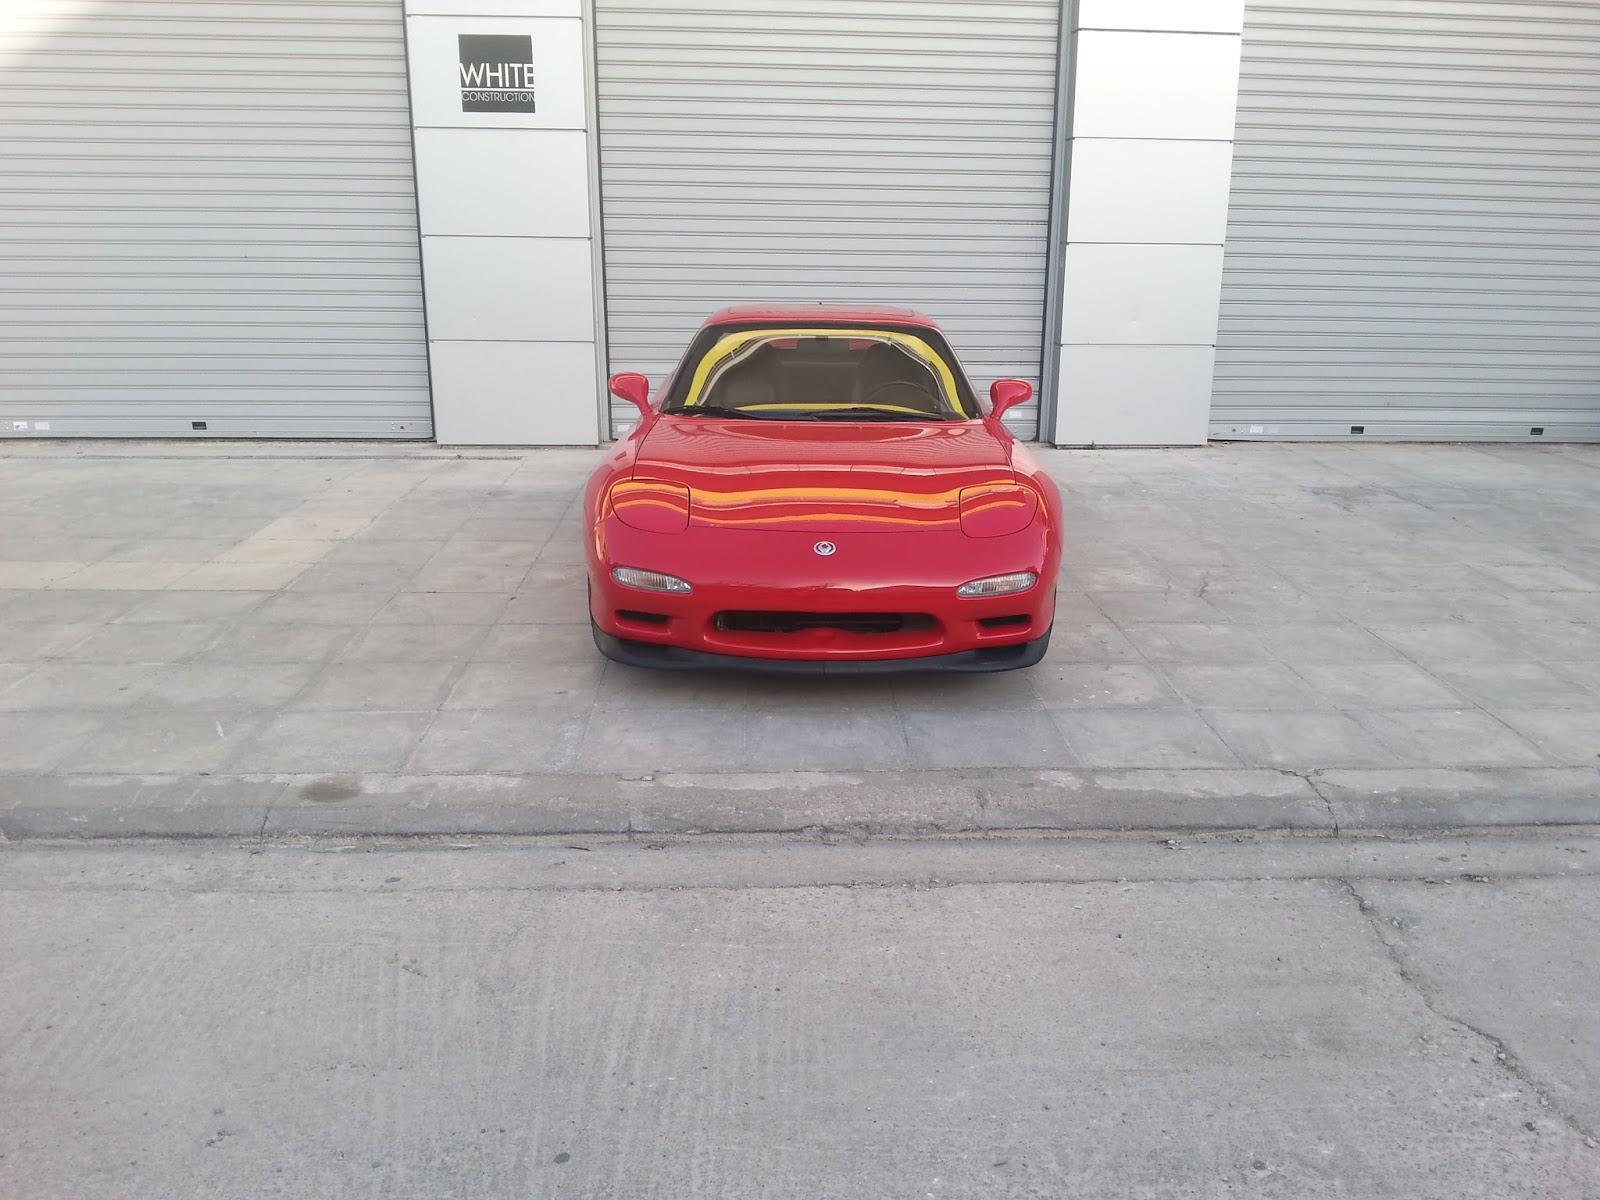 14 Όταν οδήγησα ένα καινούριο Mazda RX-7 Mazda, Mazda RX-7, TEST, zblog, αυτοκίνητα, ΔΟΚΙΜΕΣ, καινούρια, μεταχειρισμένα, οδηγούμε